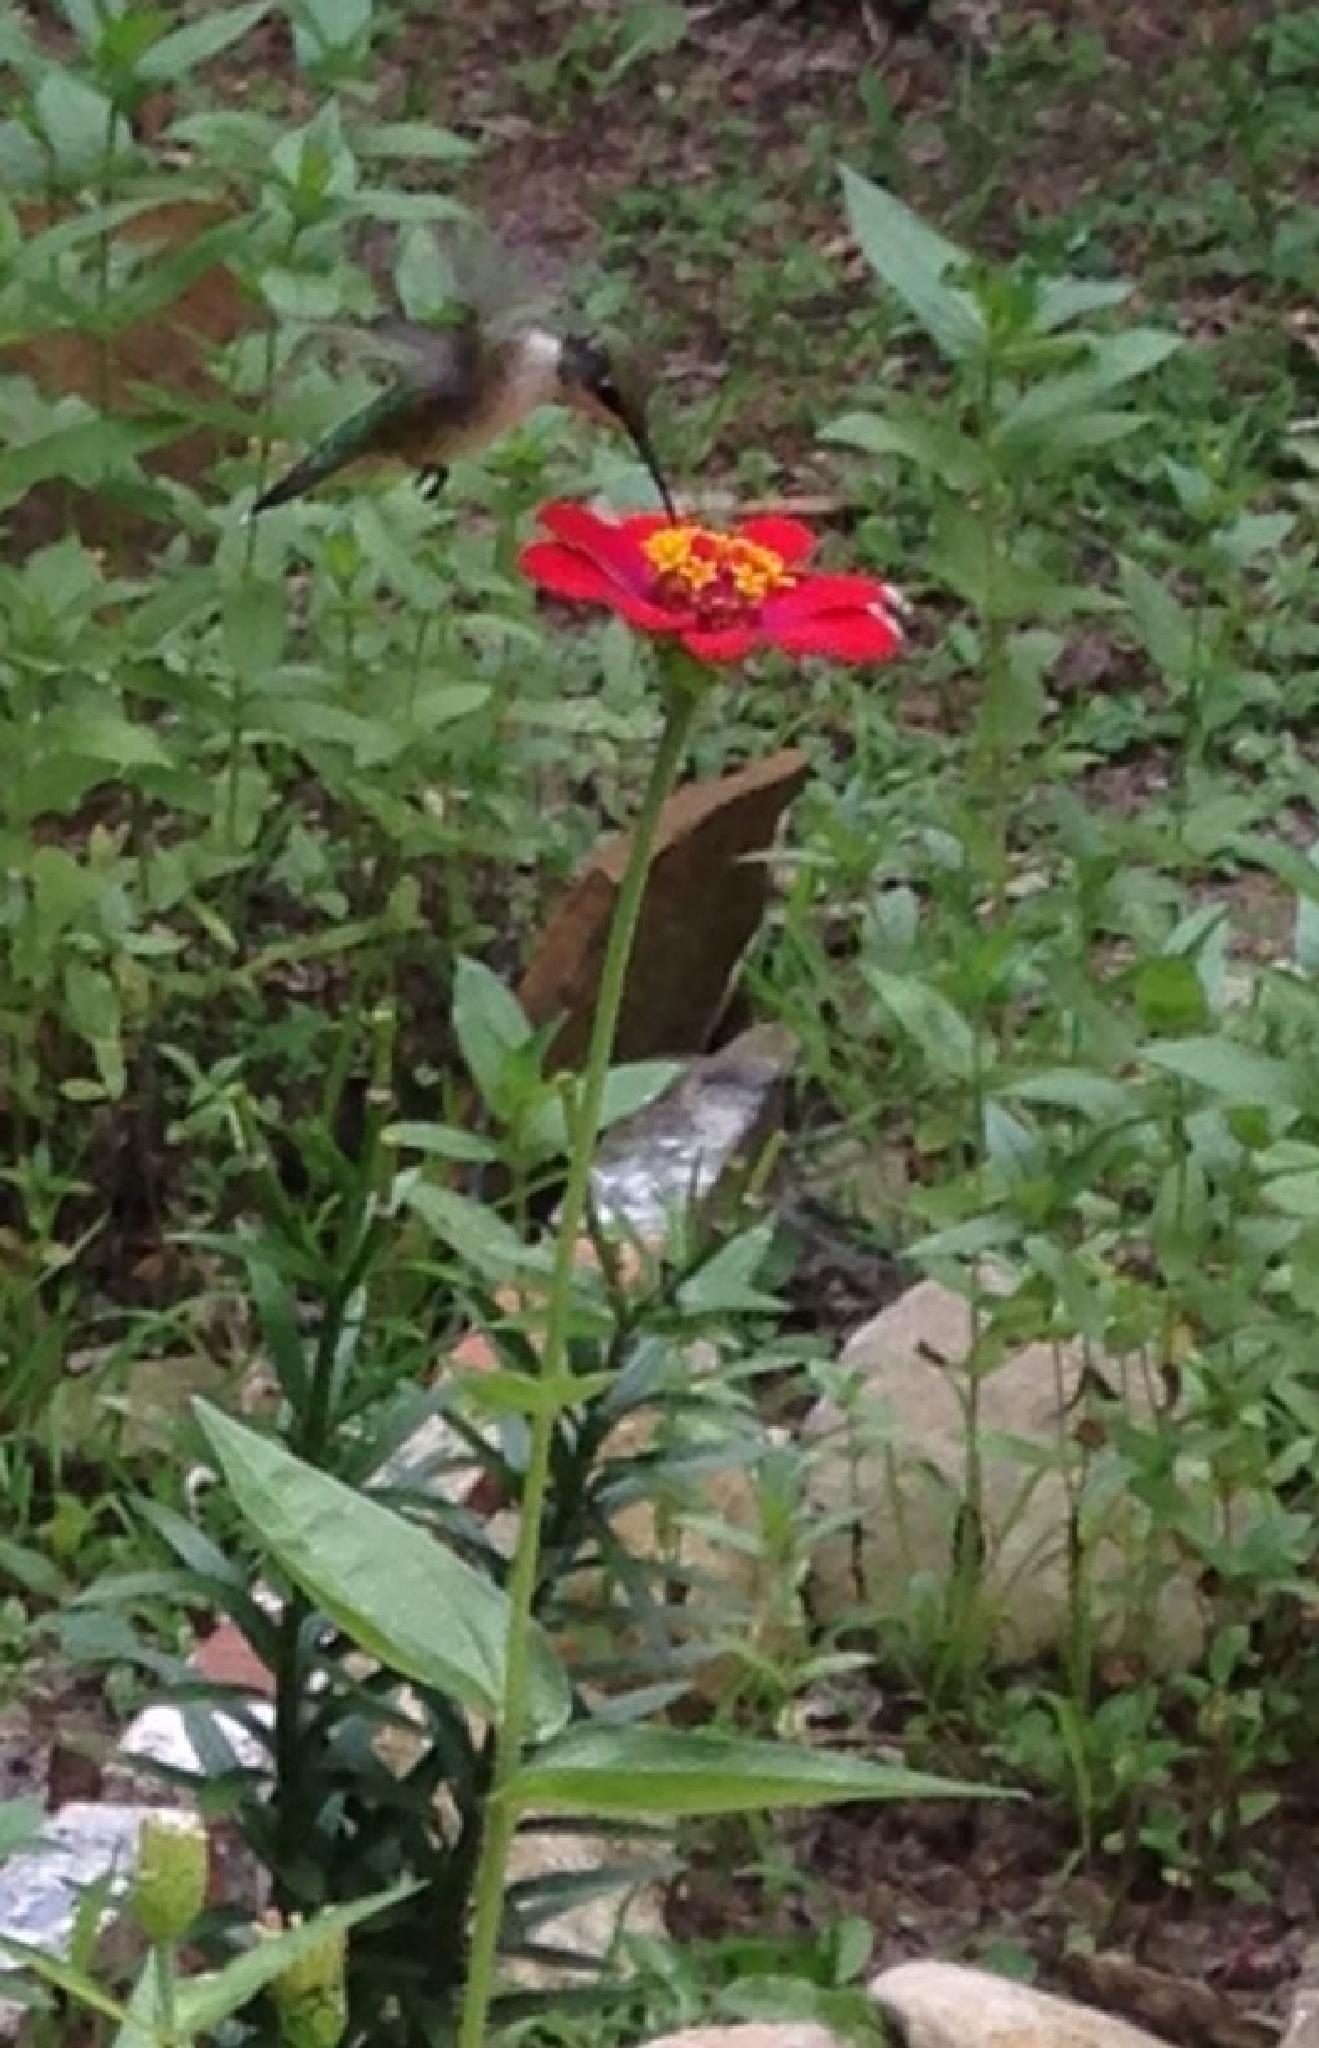 Hummingbird by queenzzyann.jones